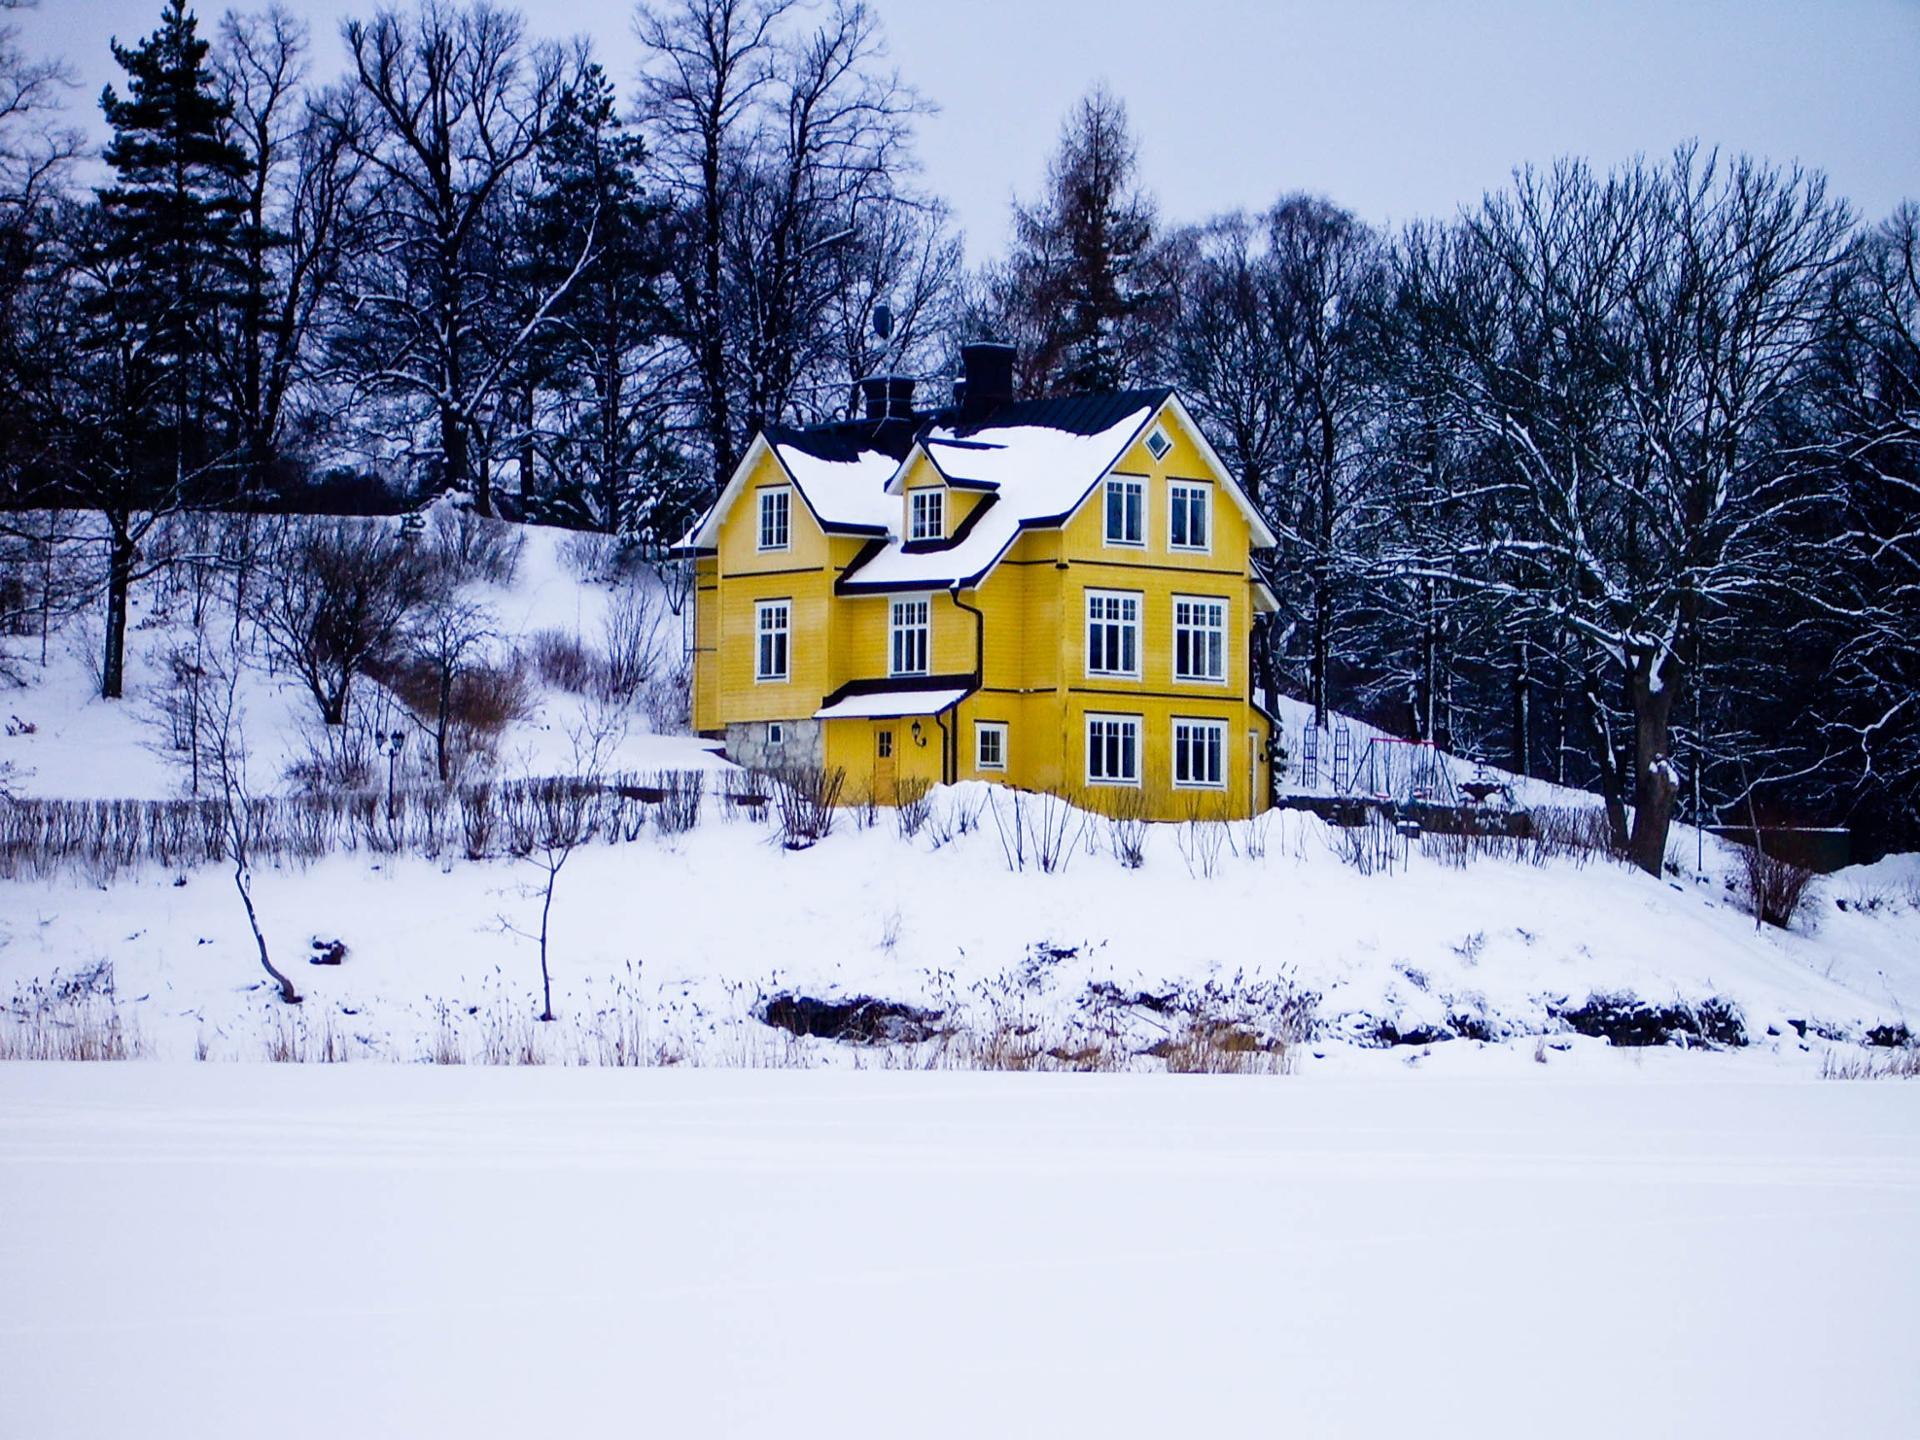 La petite maison dans la neige